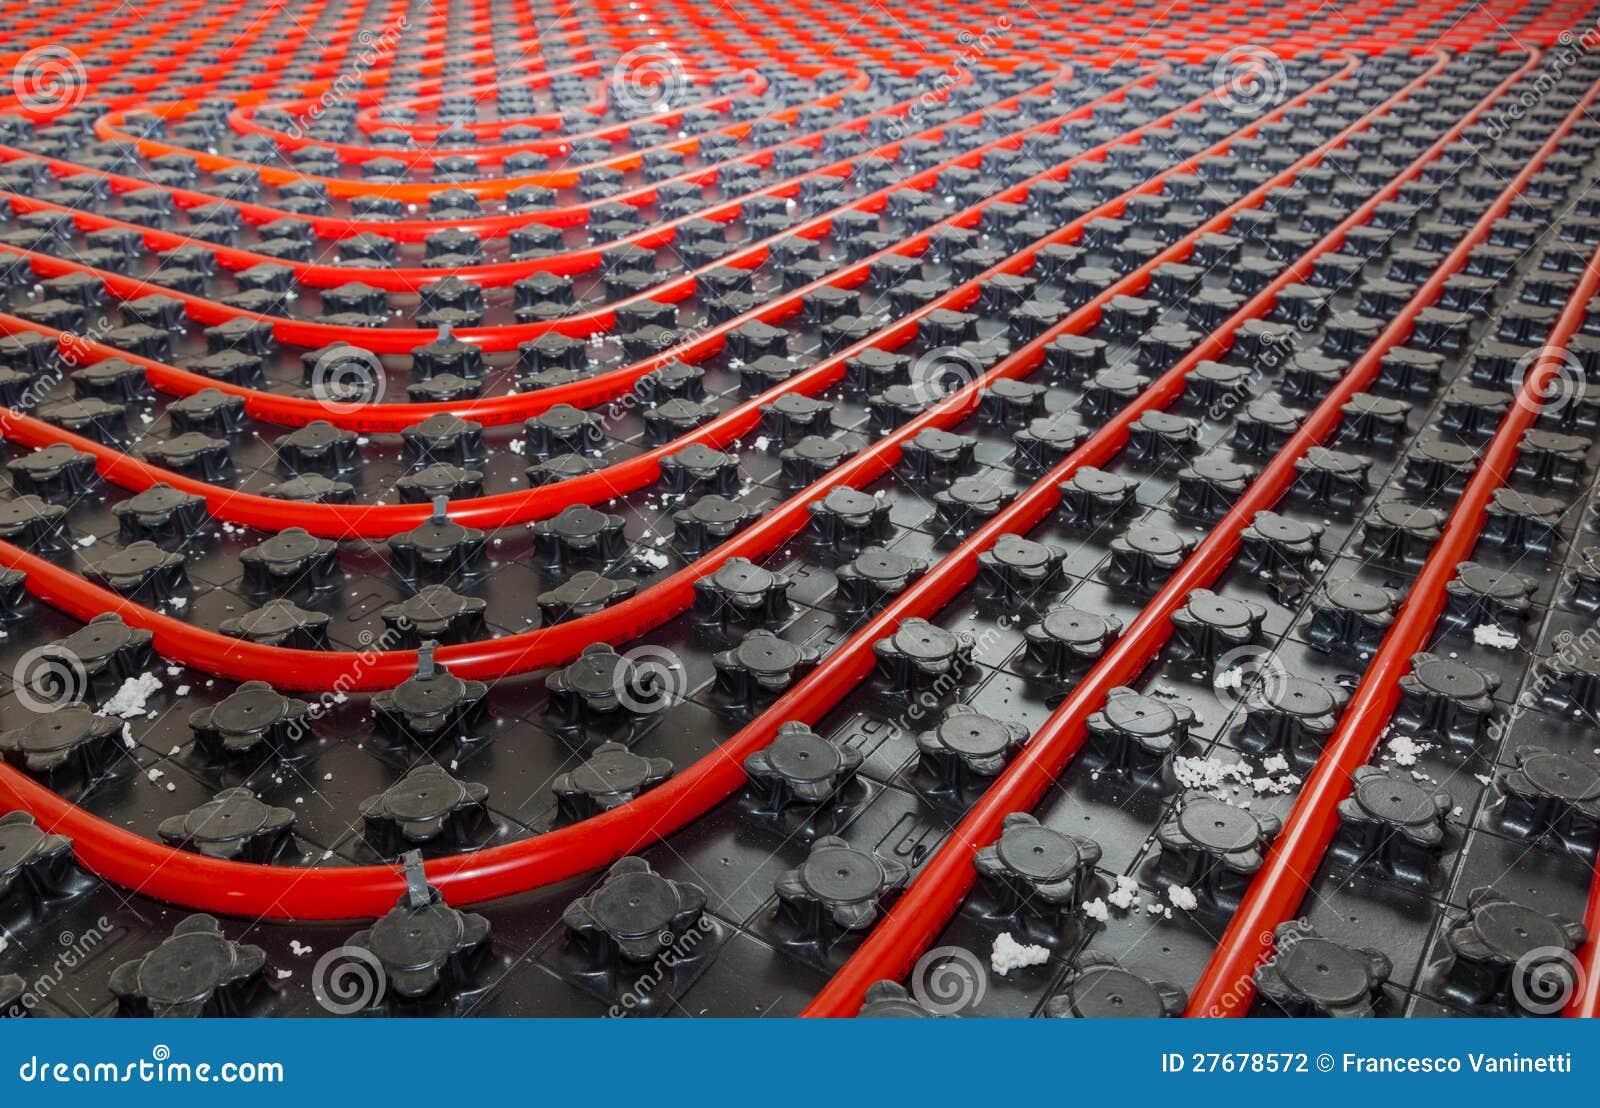 Bodenheizung stockfoto bild von klempner industriell for Boden heizung